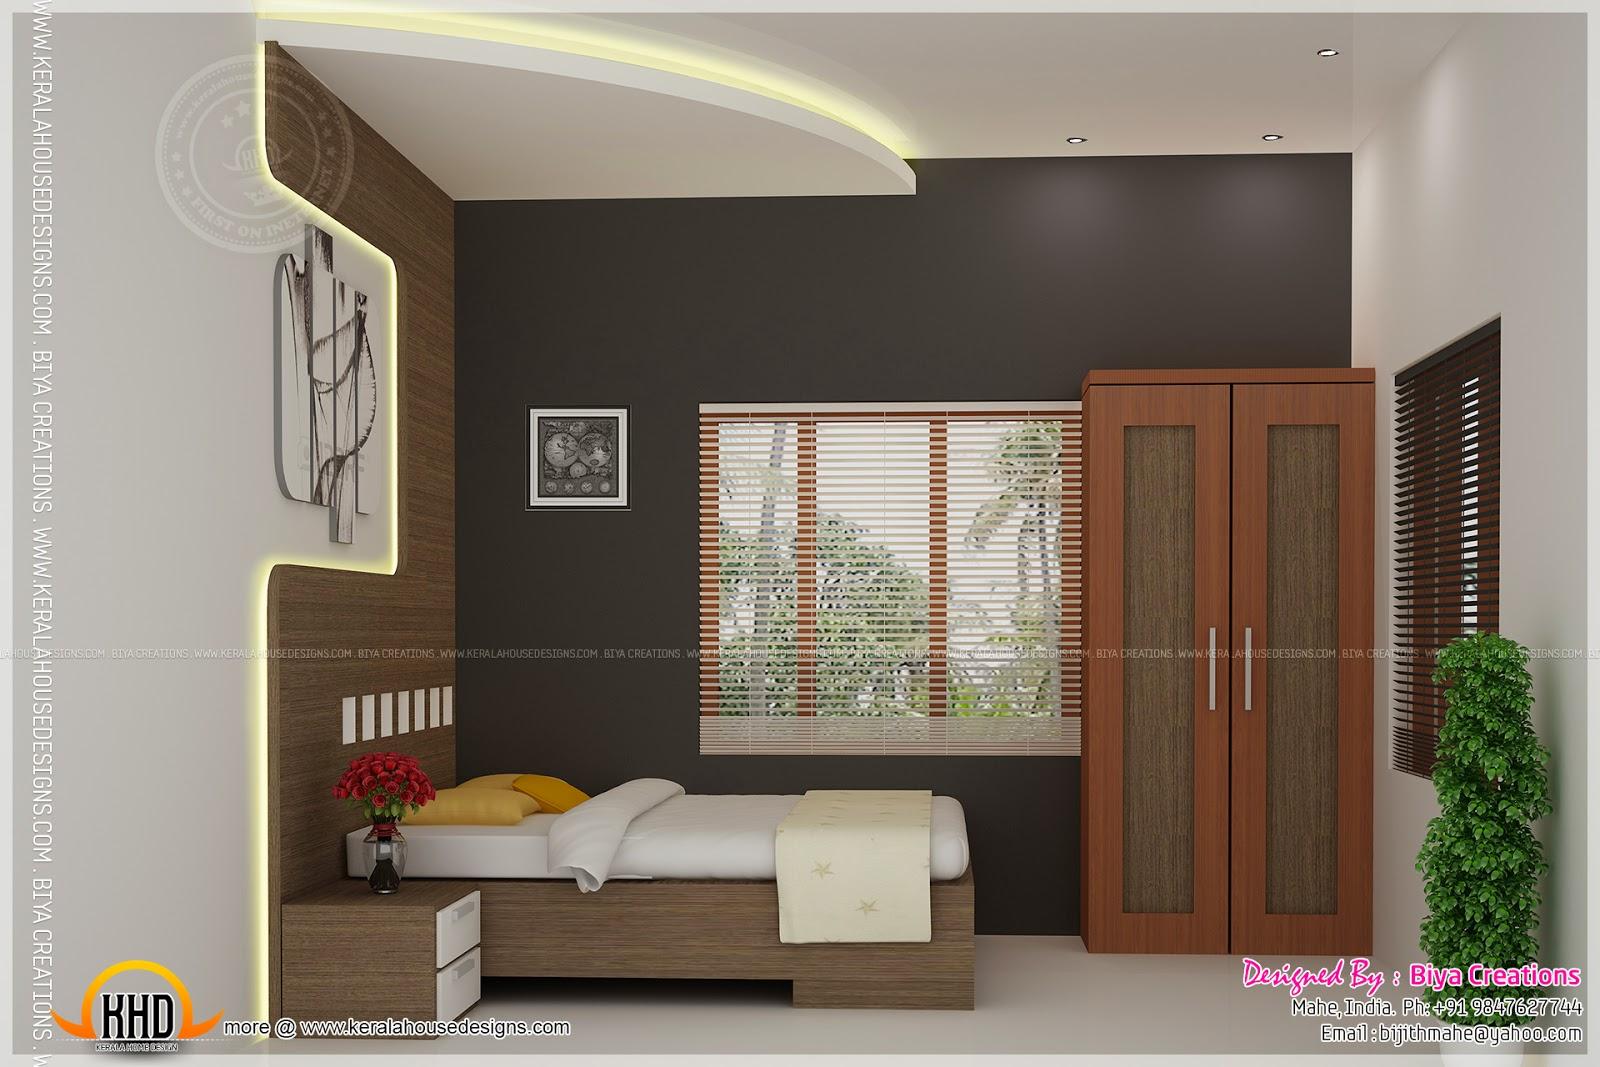 Bedroom, kid bedroom and kitchen interior - Kerala home ...